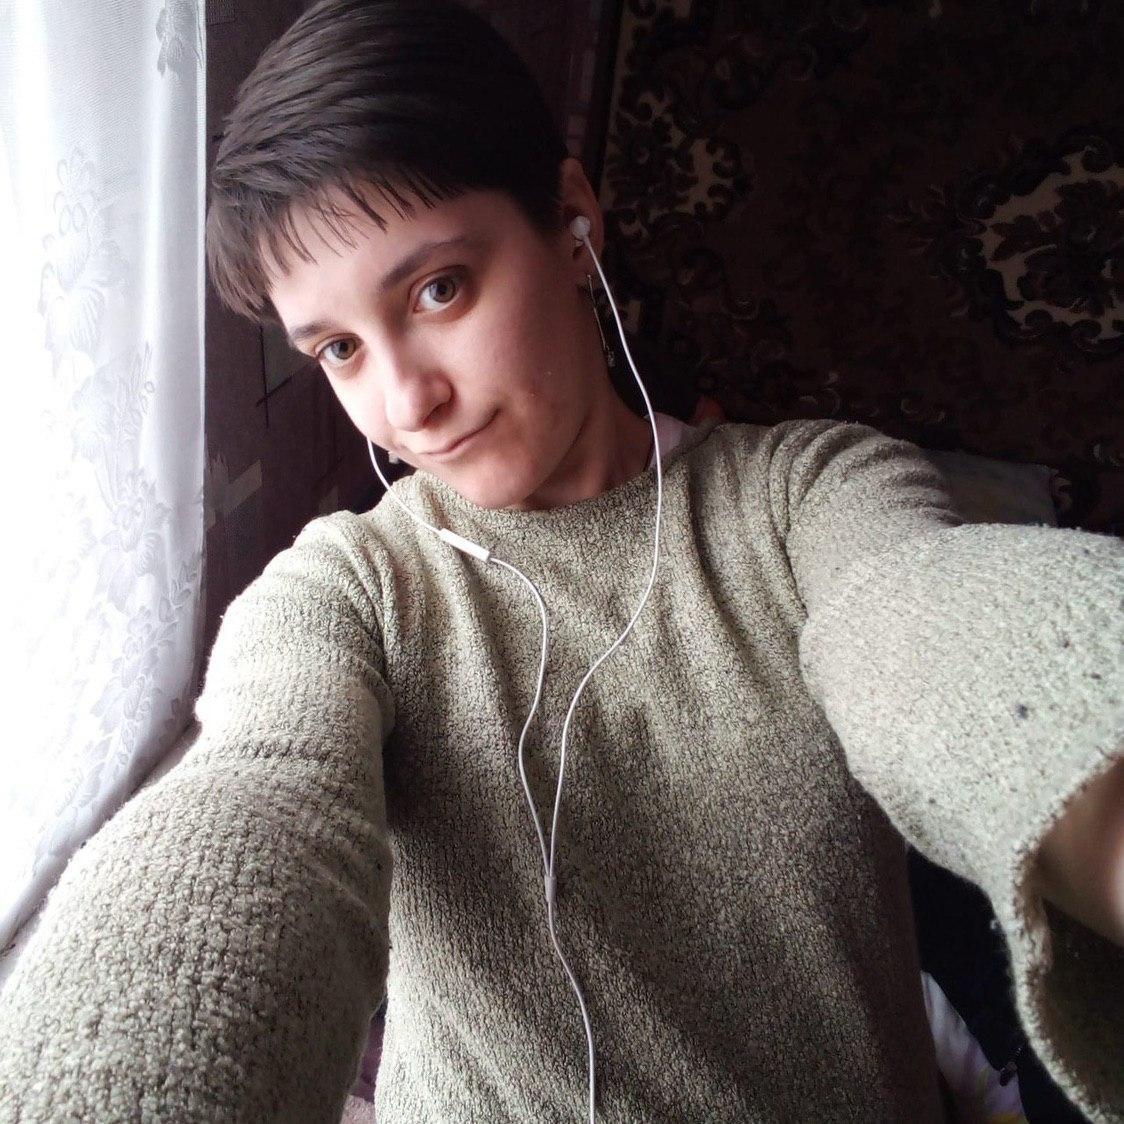 Перерезал горло, поджег и бросил: в Харькове мужчина зверски расправился с 25-летней девушкой